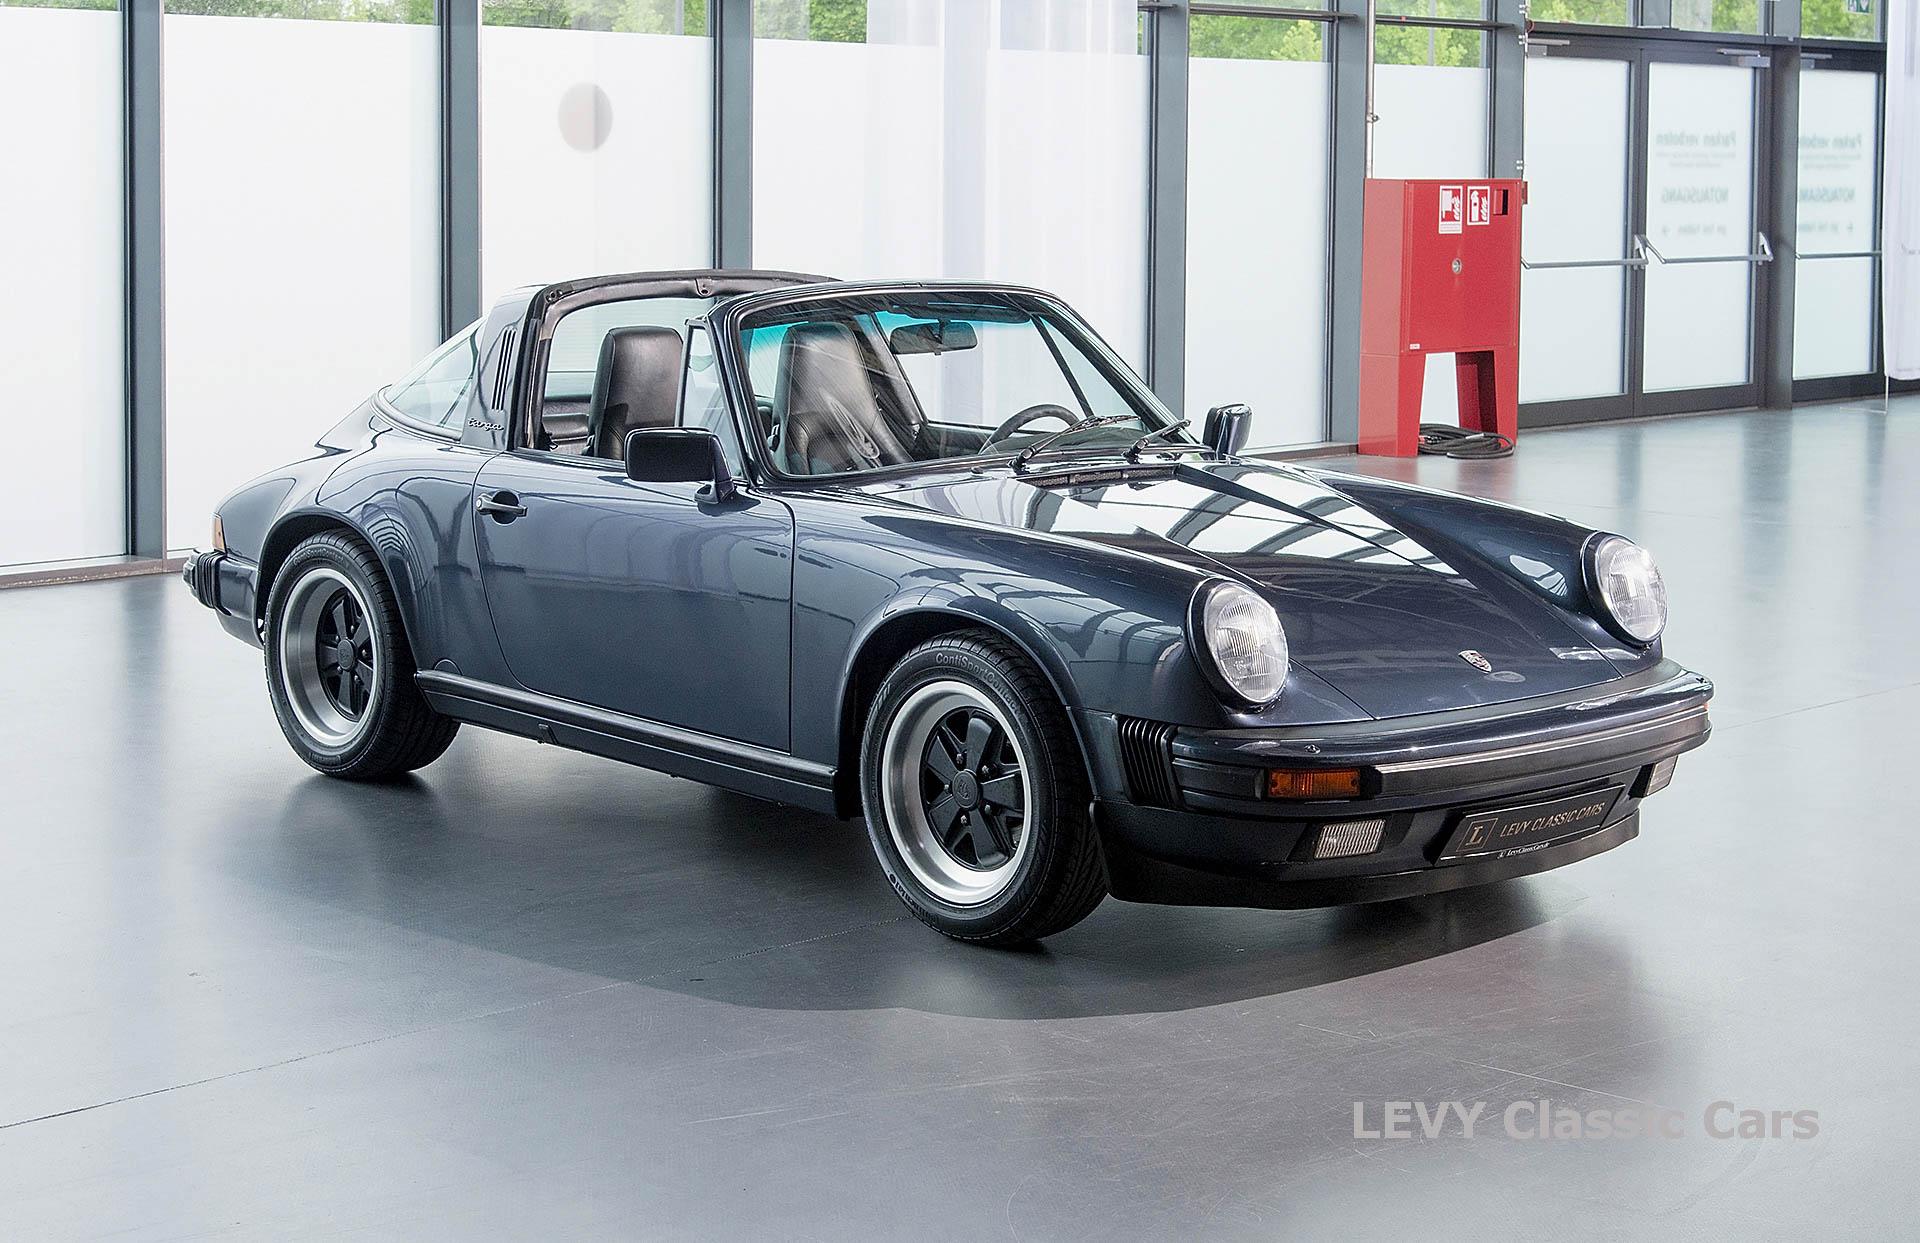 Porsche 911 Targa blau 61547 61